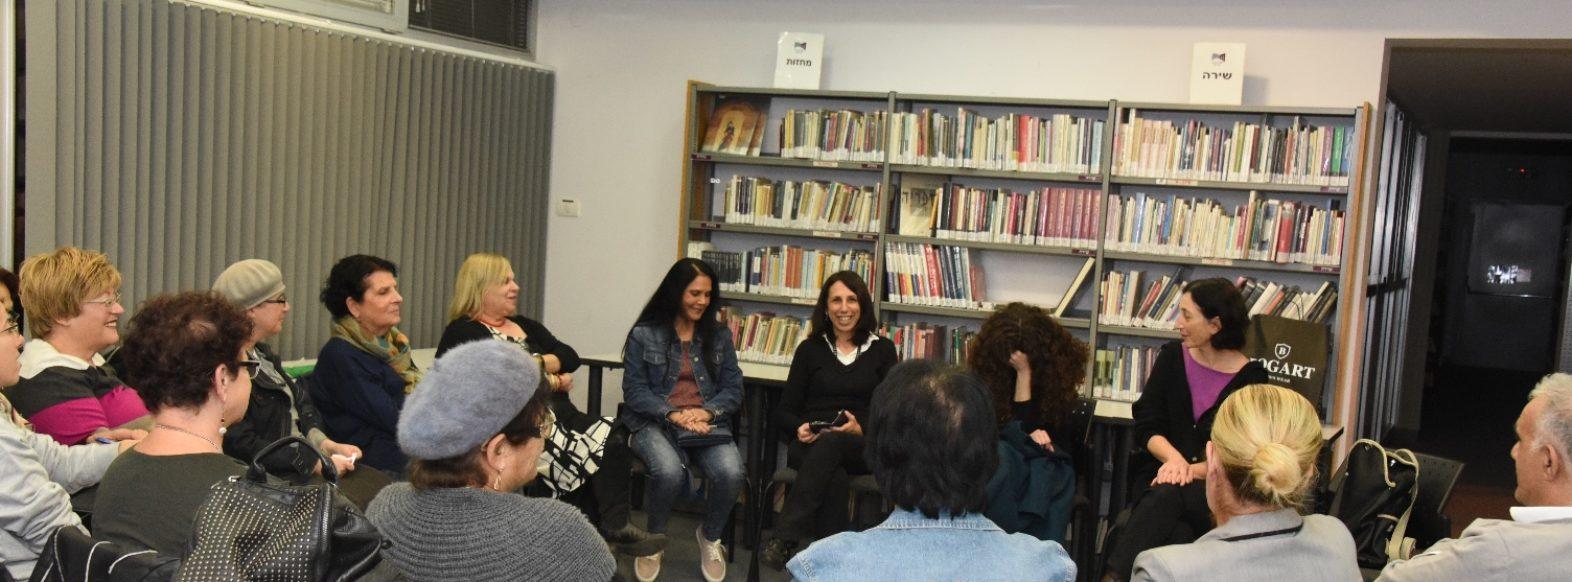 תכניות תרבות ופנאי חדשות בספריה העירונית